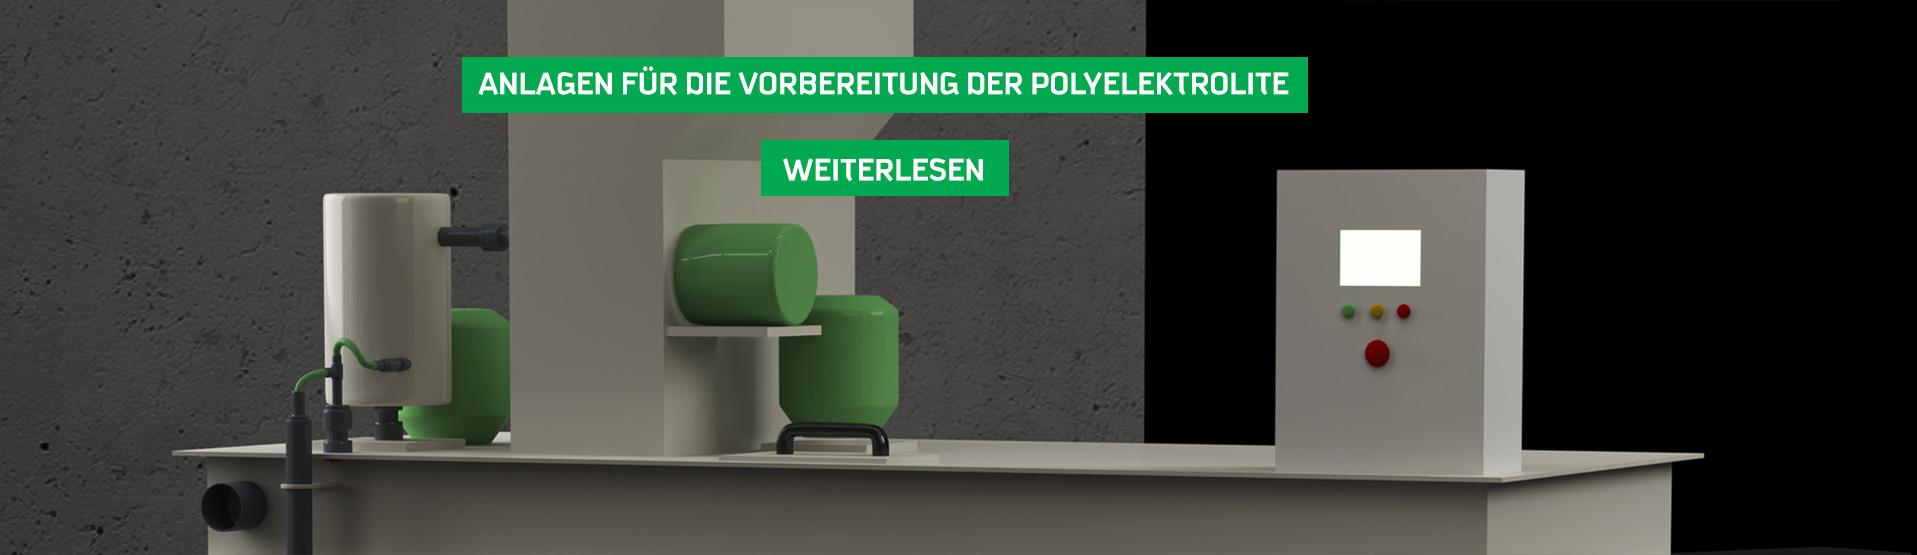 borplastika-pocetna-slider-polielektroliti-de